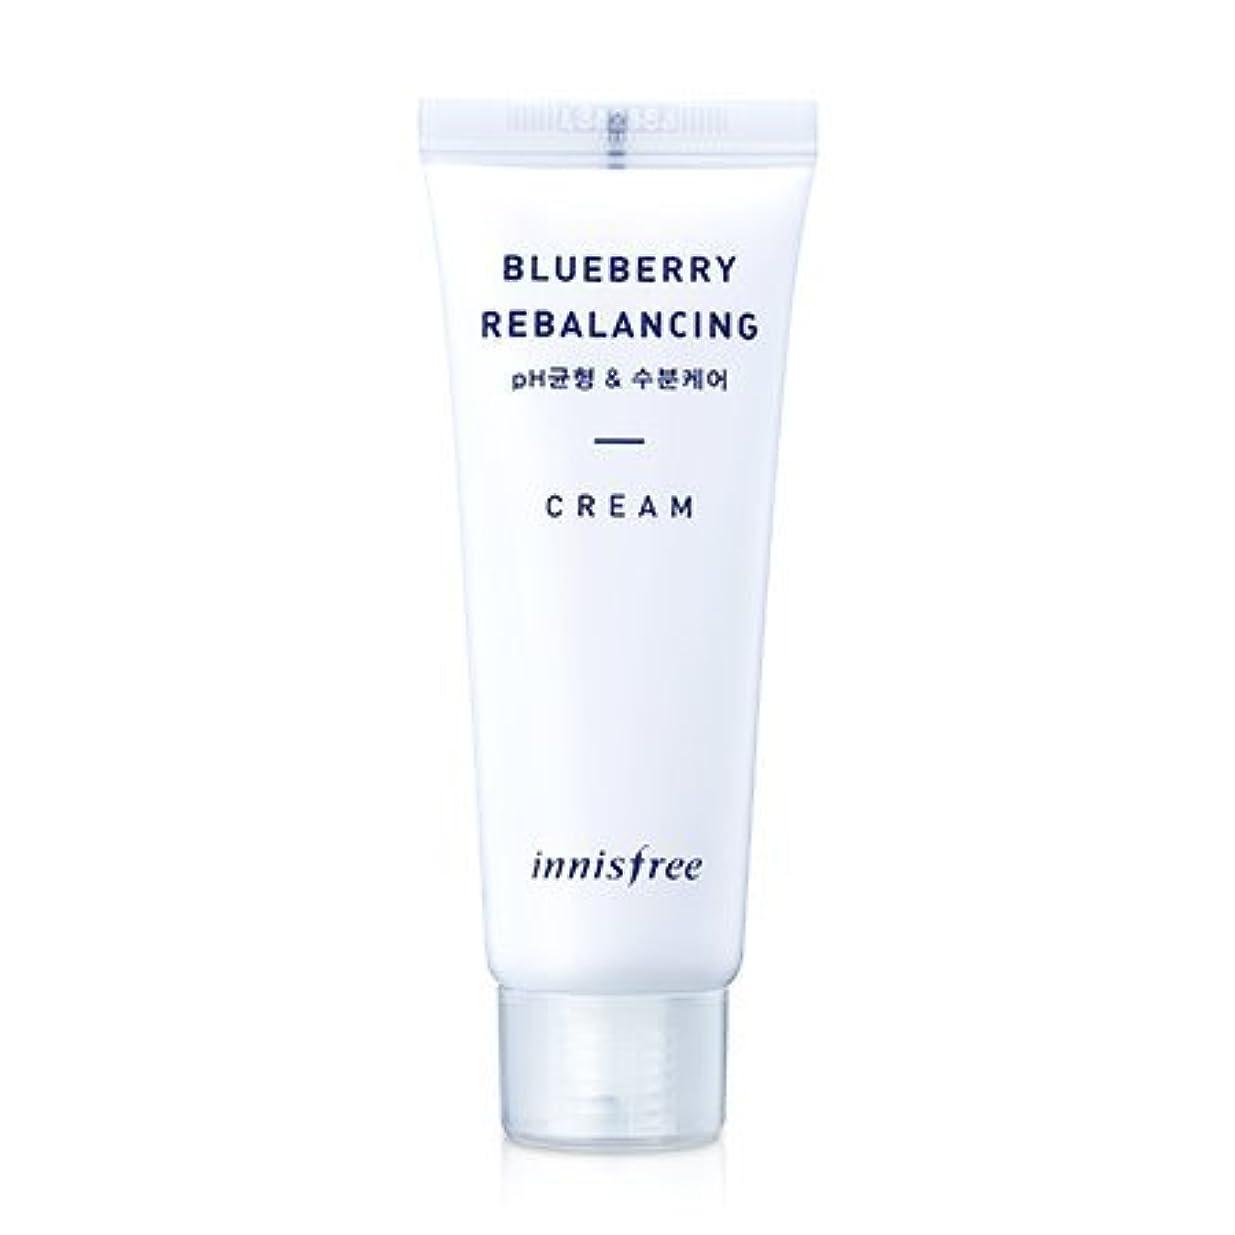 餌スープエゴイズム[innisfree(イニスフリー)] Super food_ Blueberry rebalancing cream (50ml) スーパーフード_ブルーベリーリベルロンシンクリーム[並行輸入品][海外直送品]